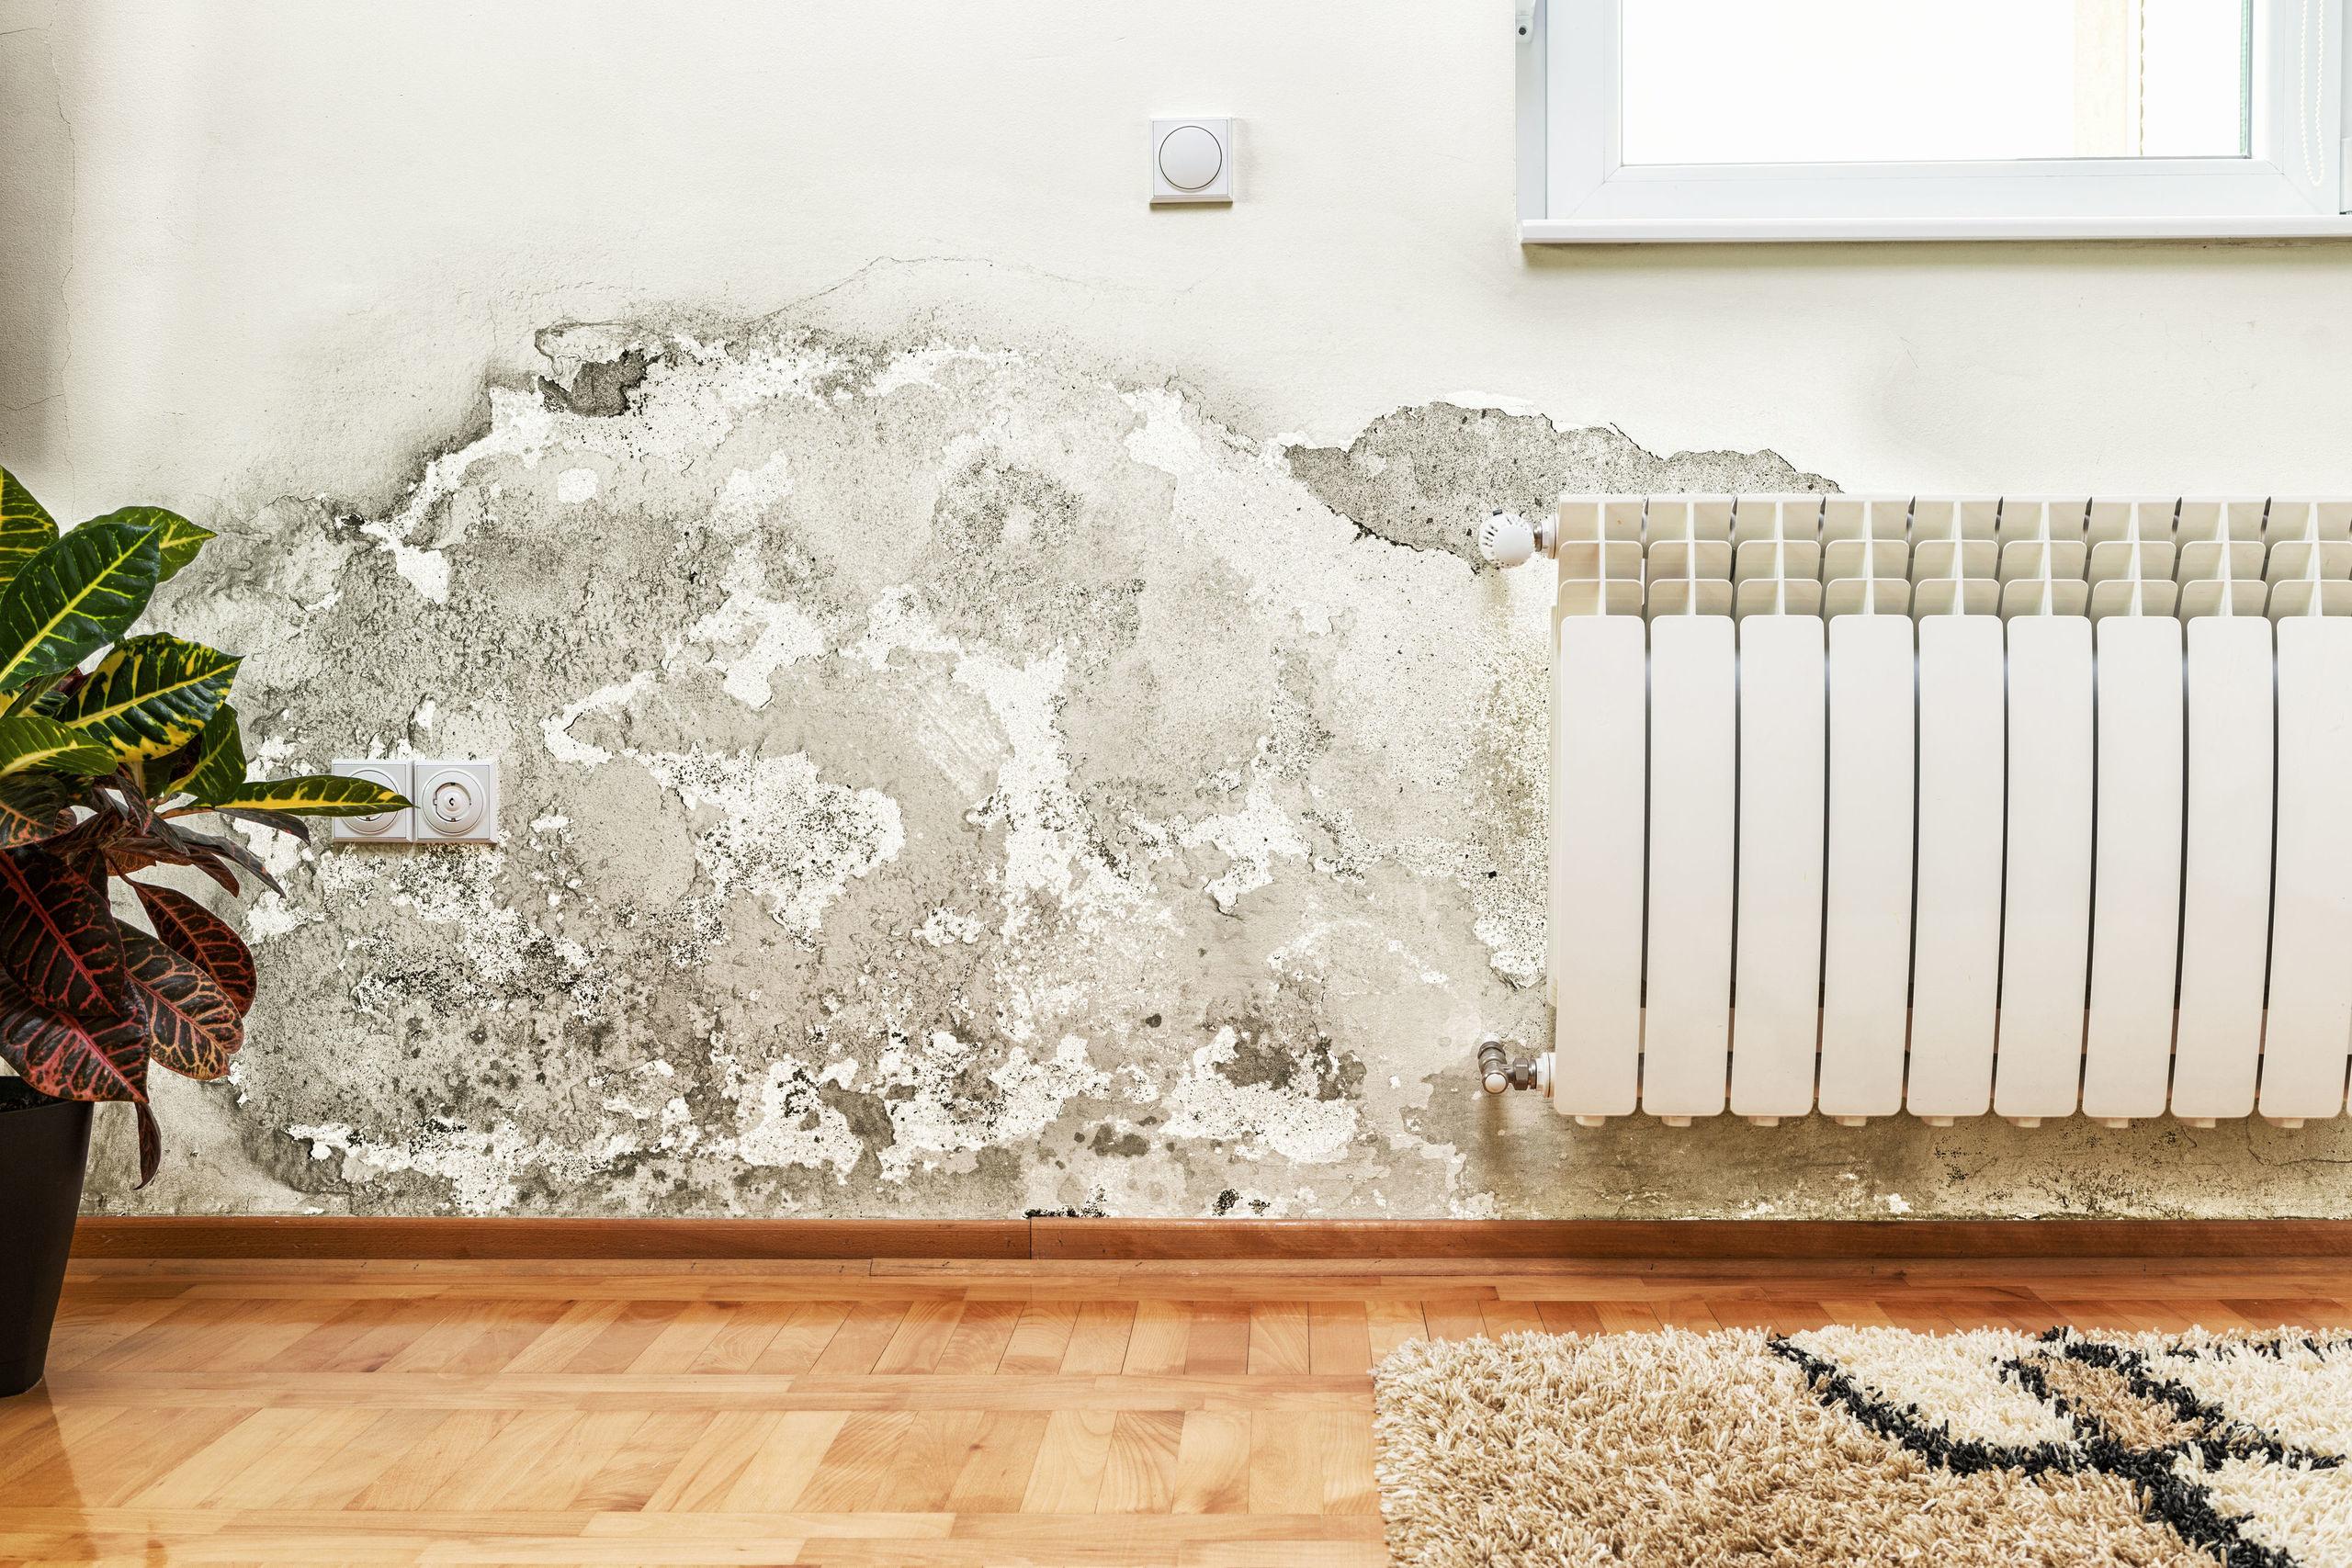 umidità in casa, muffa sui muri, muffa in casa zoccolino